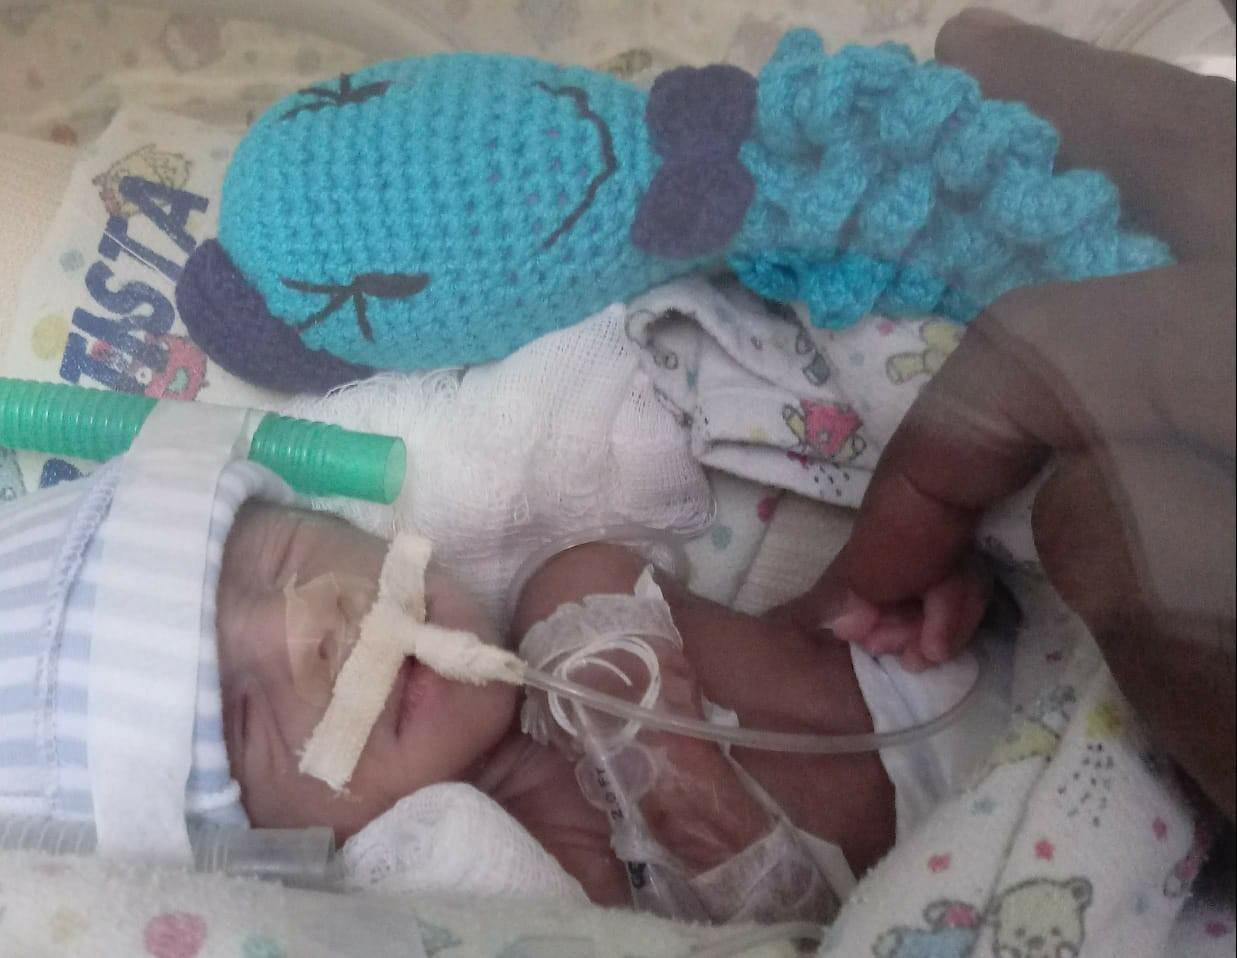 Polvo de crochê acompanha bebês prematuros no processo de recuperação: 'Um amiguinho na incubadora' - Notícias - Plantão Diário